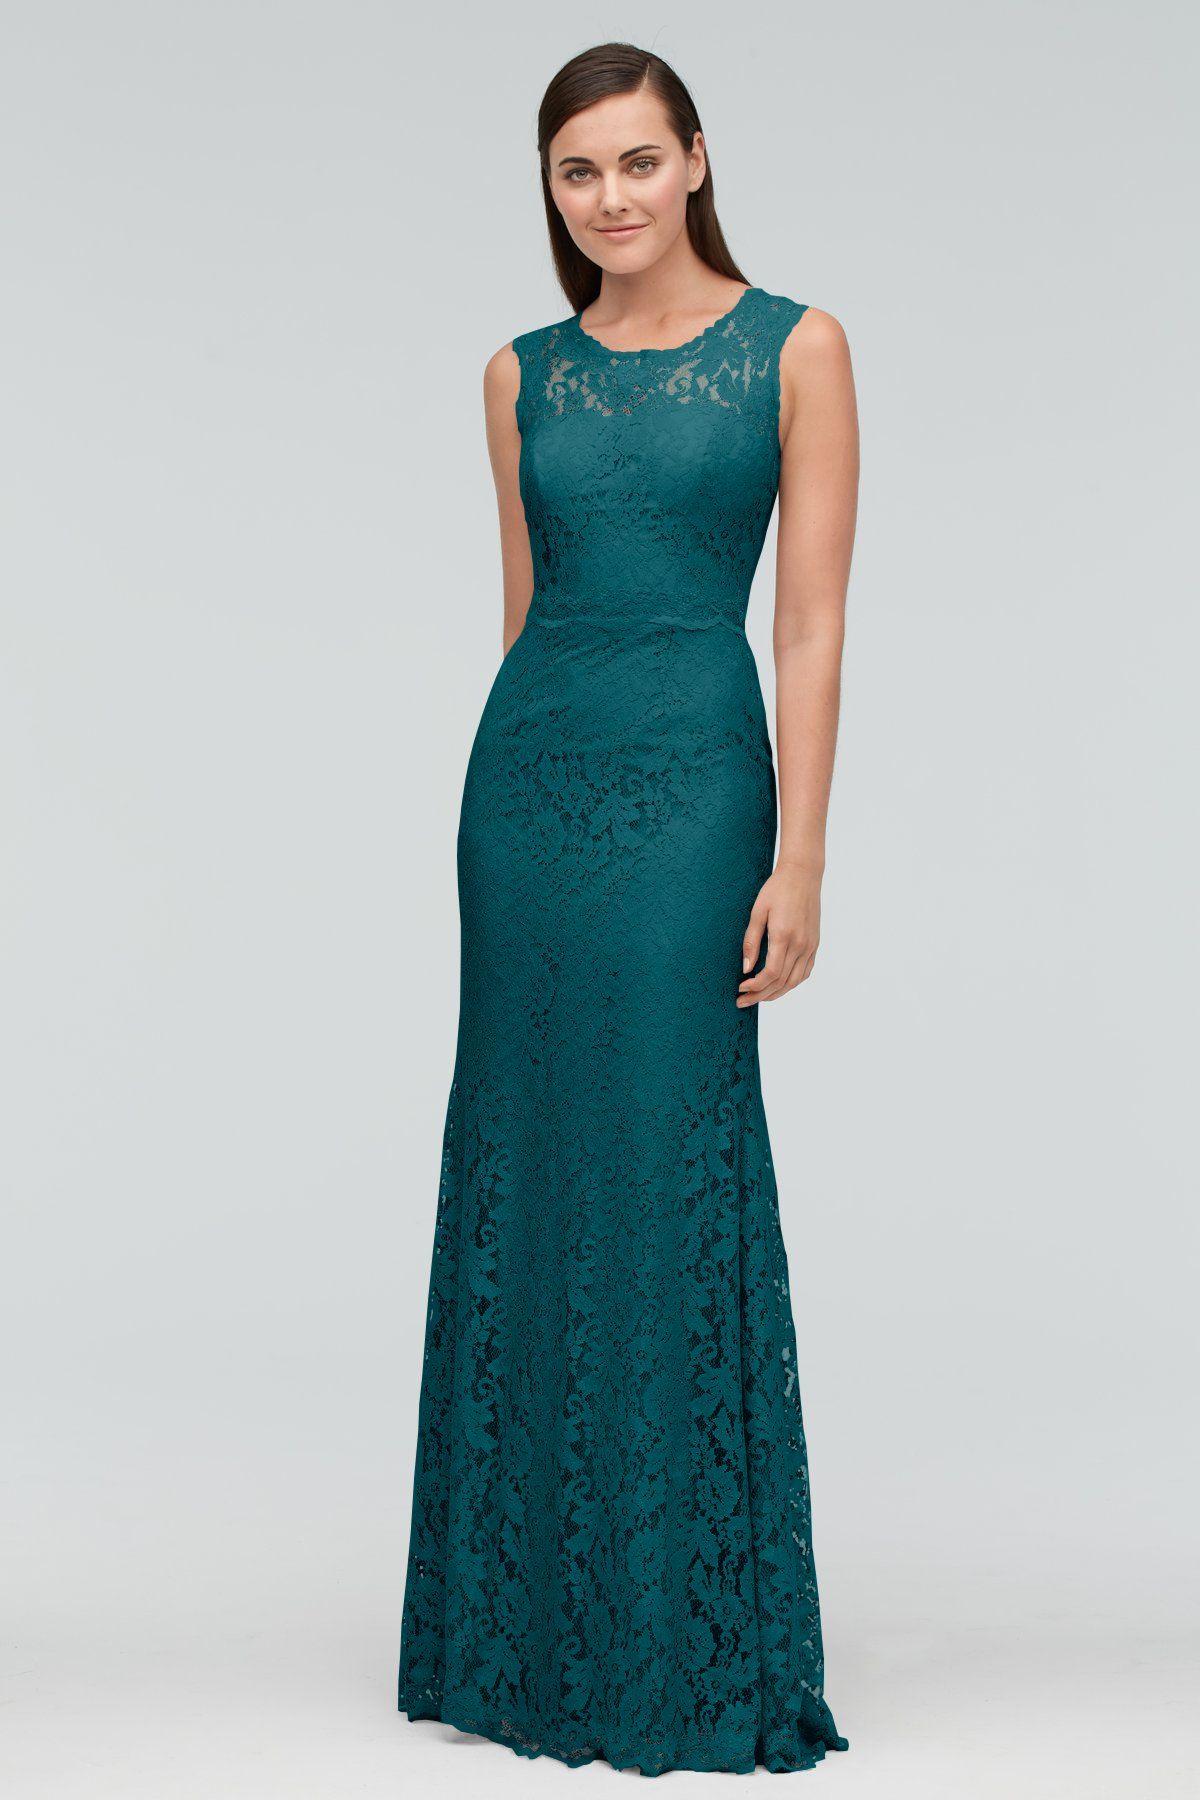 Lynn 9253 | Bridesmaids | Watters | Bridesmaids Dresses | Pinterest ...